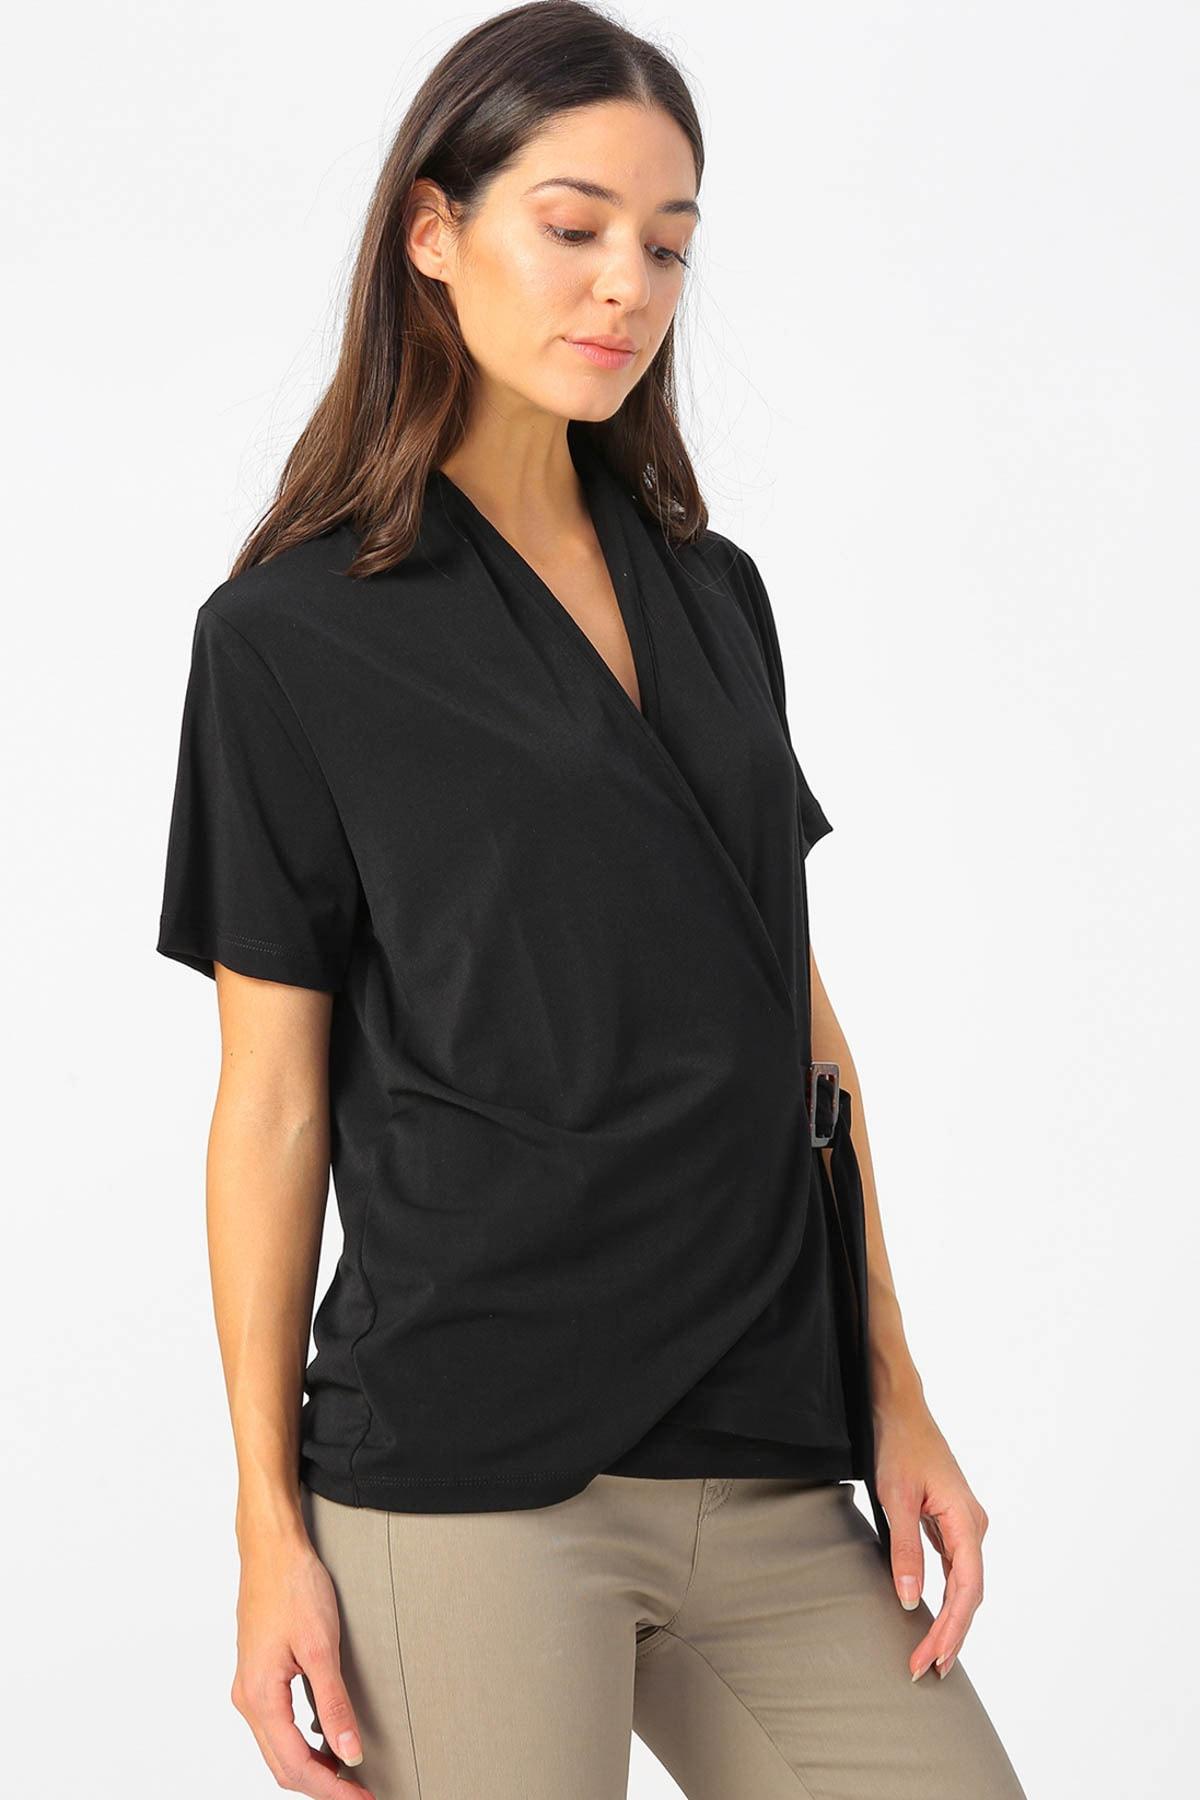 Fabrika Kadın Siyah Bluz 504393070 Boyner 2